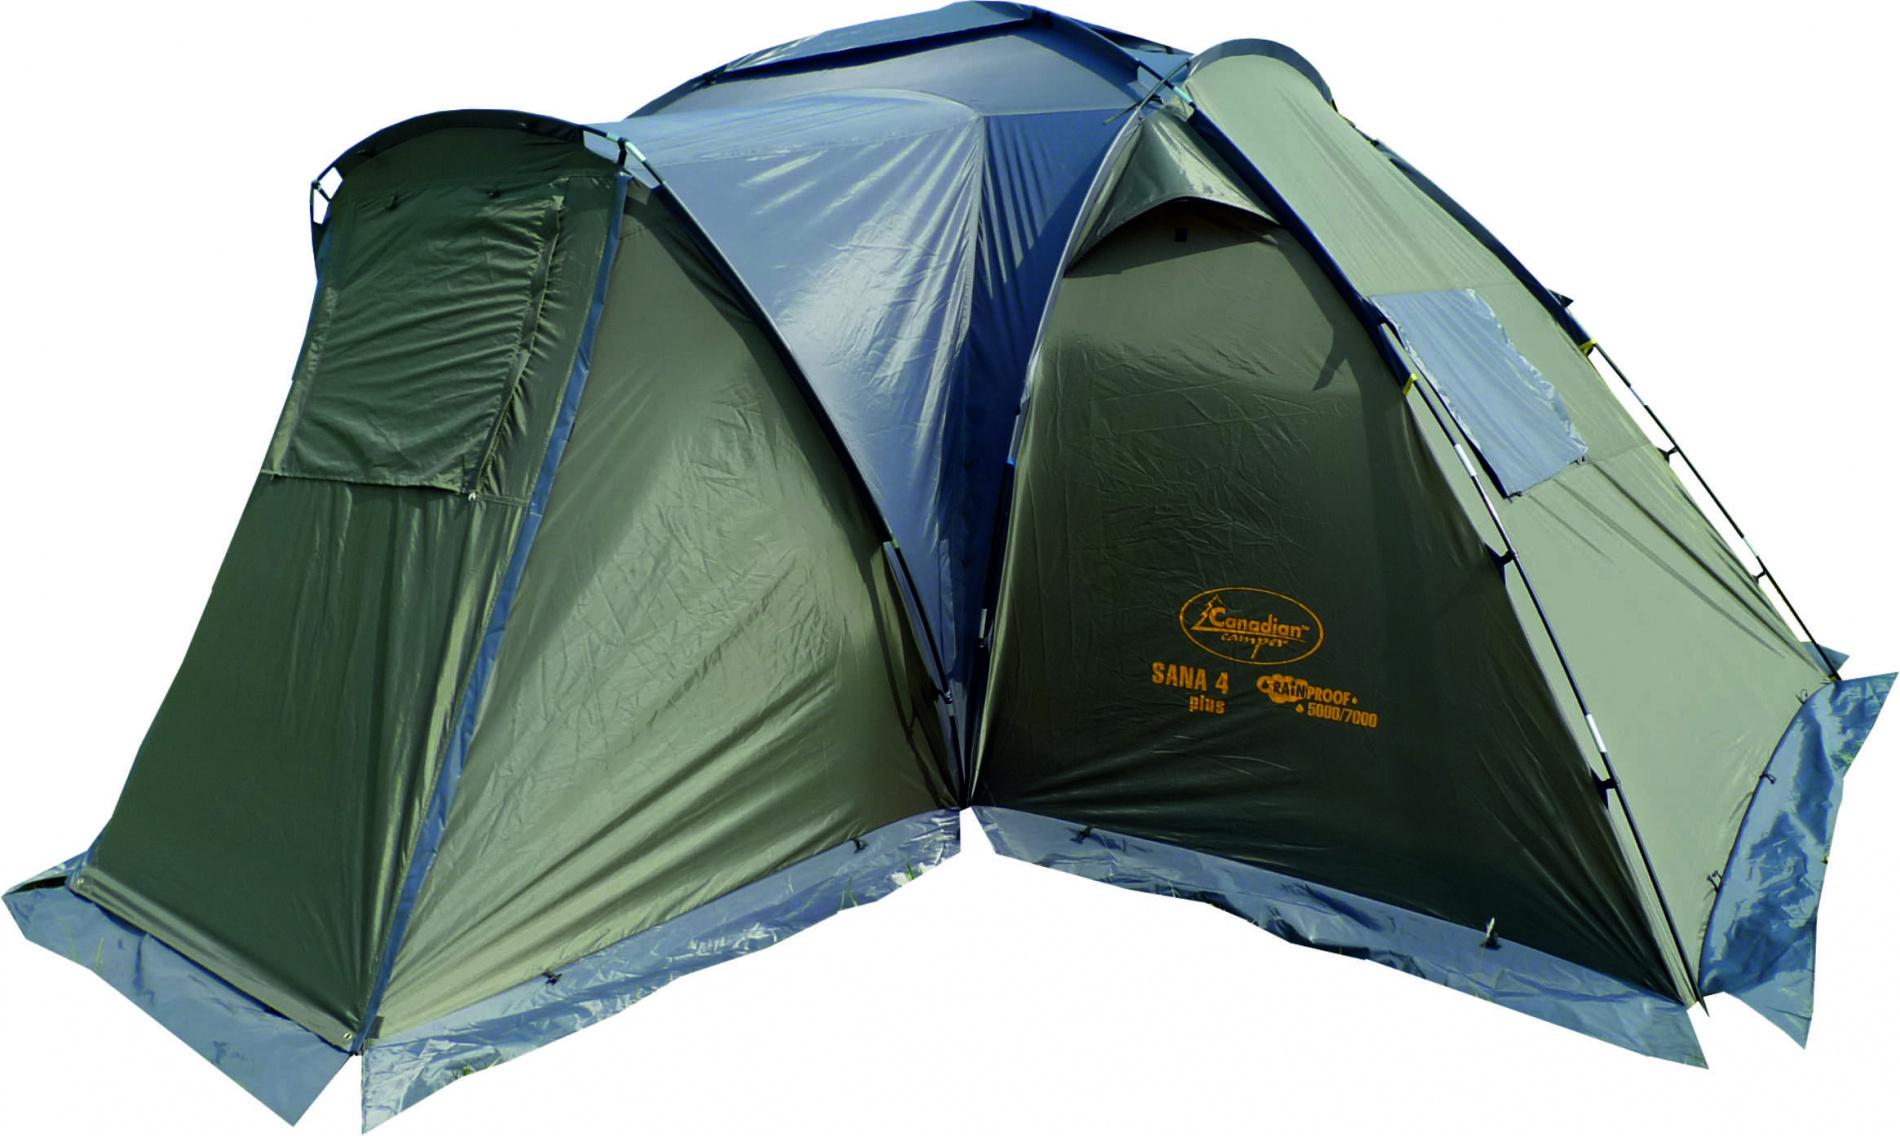 Палатка Canadian Camper SANA 4 PLUS (цвет forest дуги 11/9,5 Палатки<br>Особенности: - просторный тамбур; - 7 вентиляционных <br>окон; - два входа с антимоскитными сетками; <br>- дополнительная «веранда».<br><br>Сезон: лето<br>Цвет: зеленый